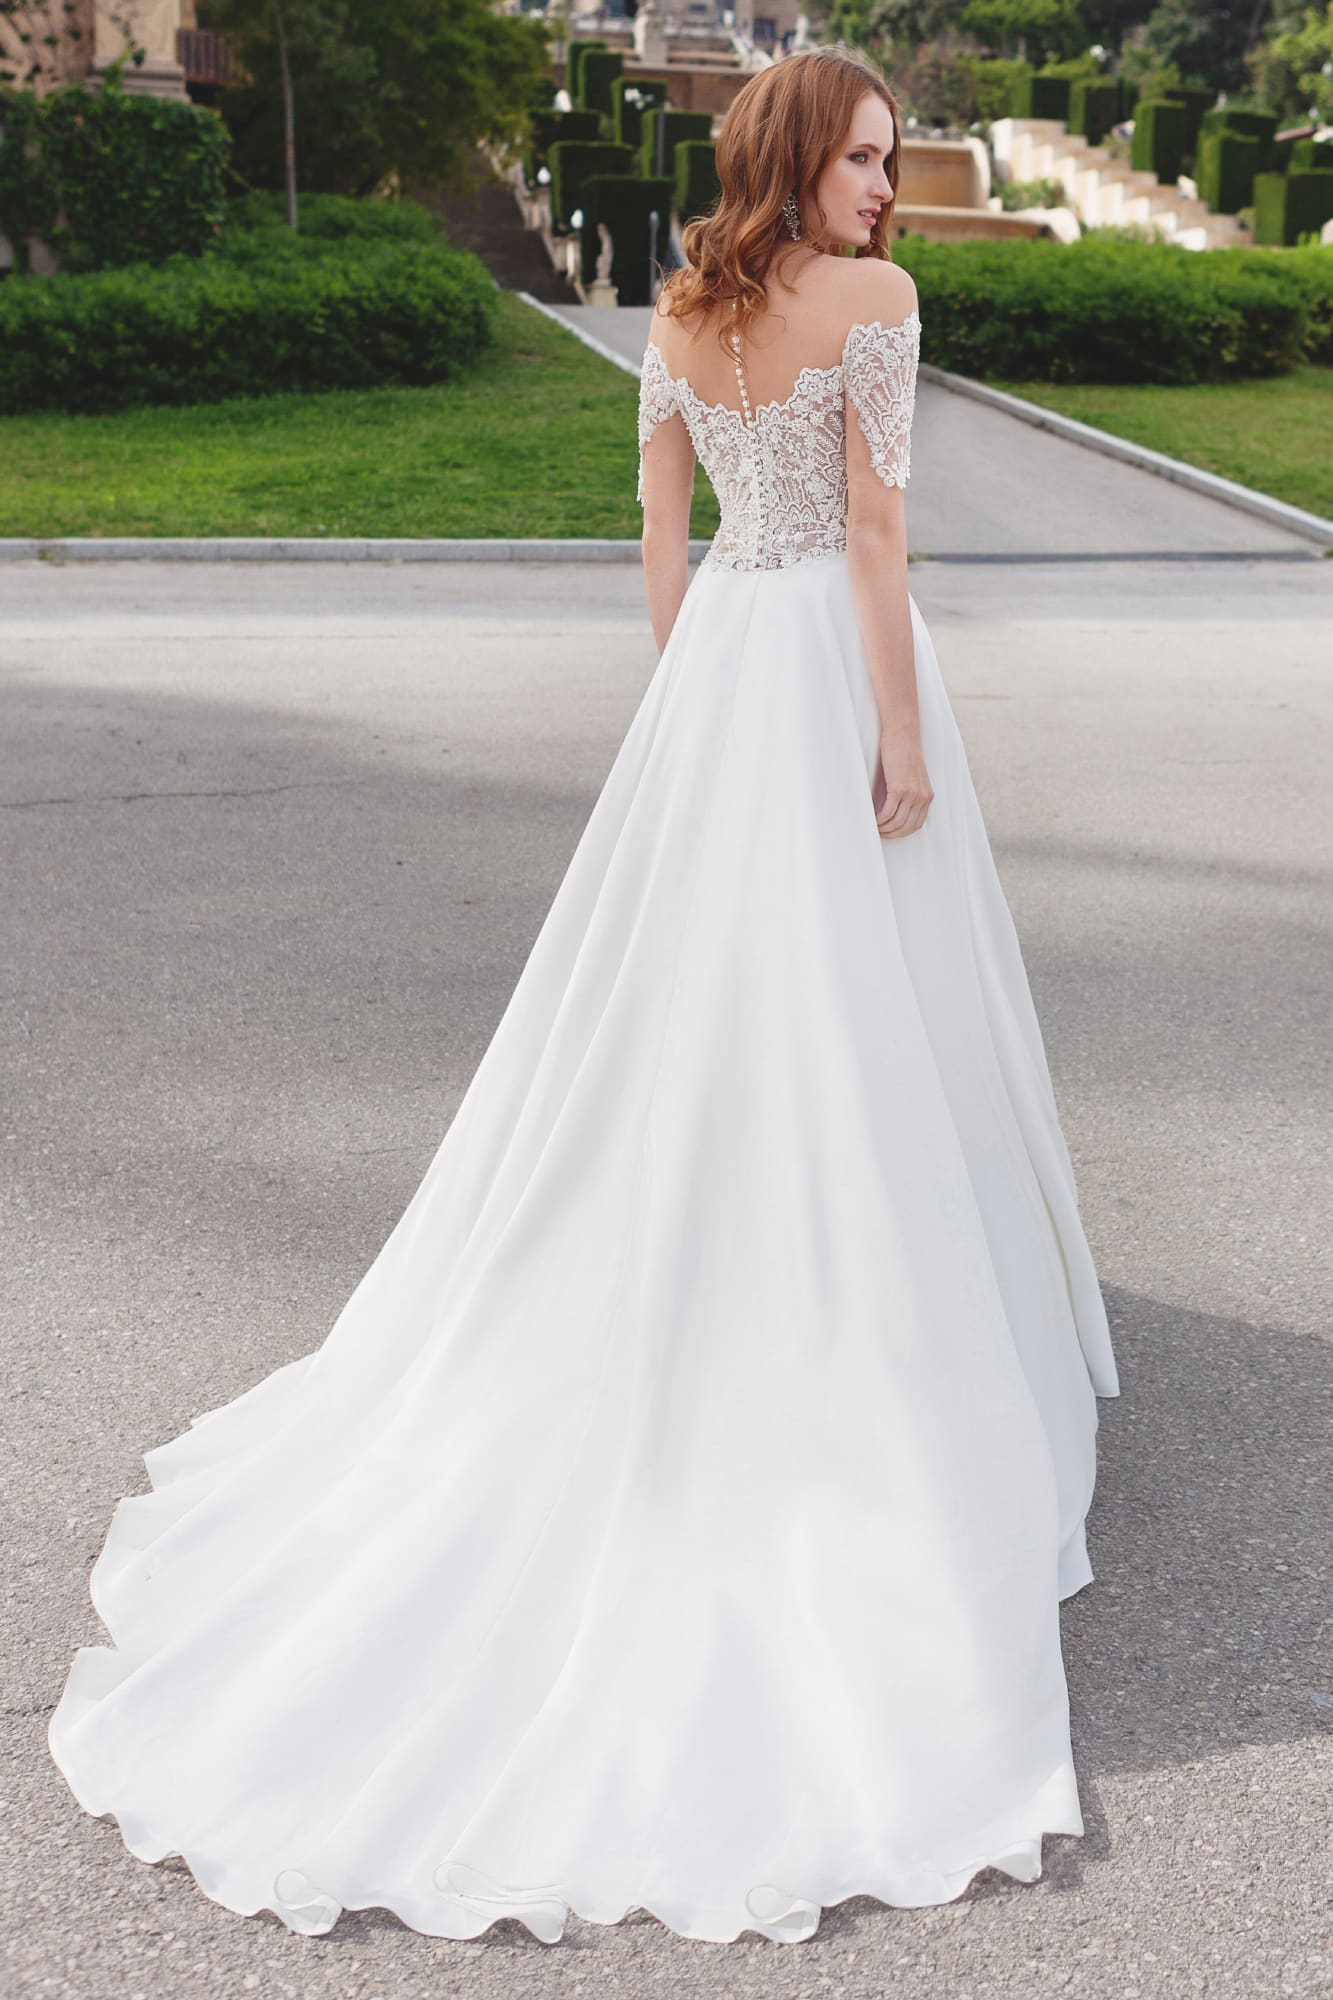 Прямое свадебное платье с фигурным портретным декольте и элегантной юбкой со шлейфом.